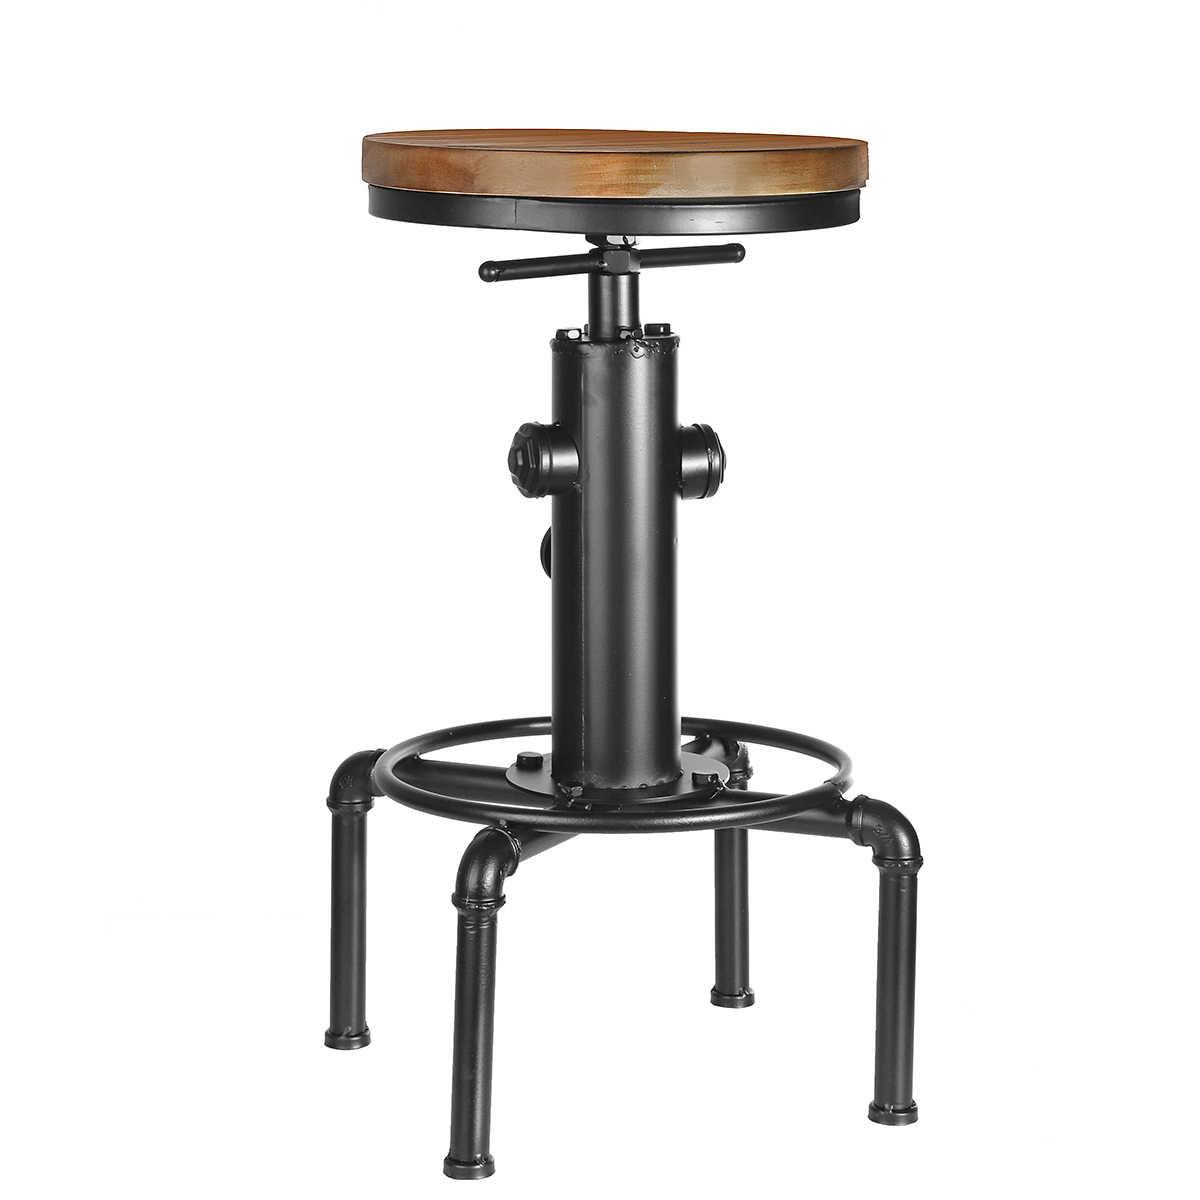 Винтажные металлические промышленные барные стулья с регулируемой высотой, вертлюг из соснового дерева, верхнее кухонное обеденное кресло, стиль трубы, барный стул, барные стулья